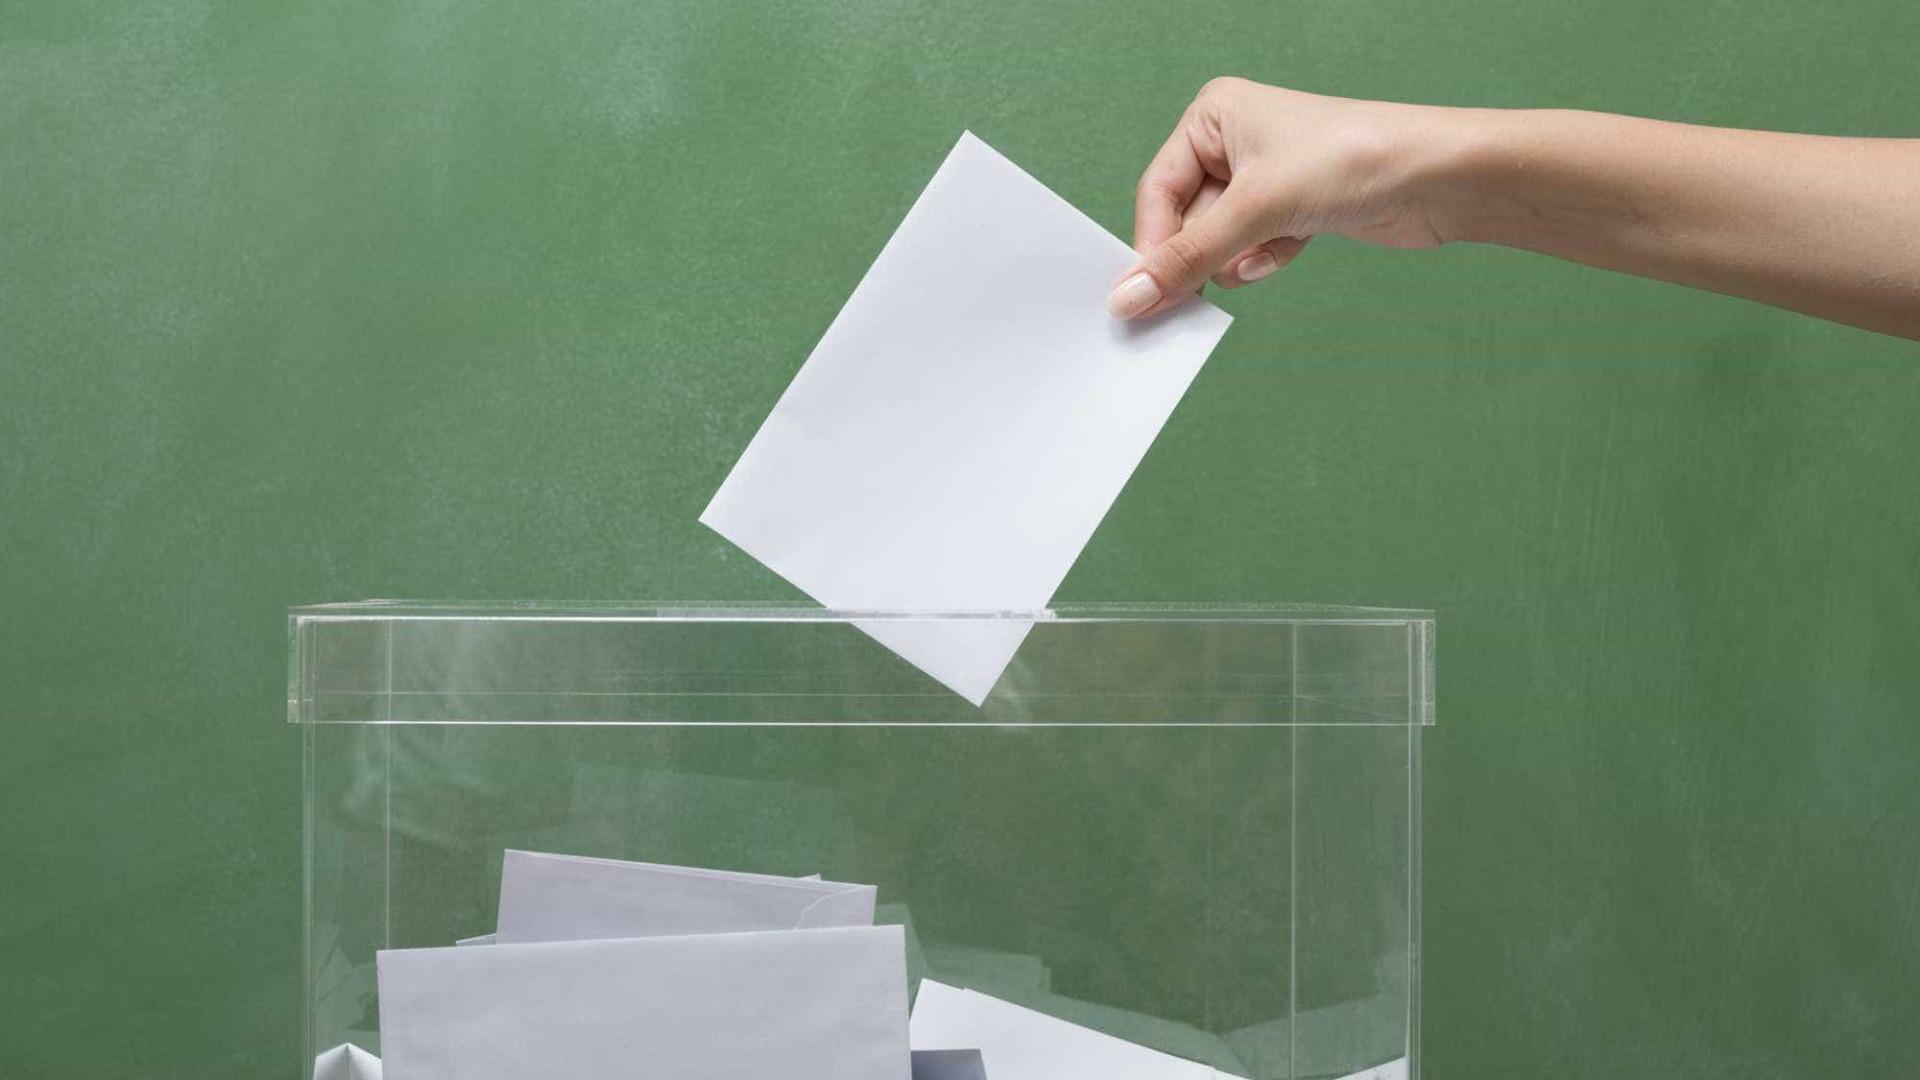 Atualização do recenseamento eleitoral suspensa a partir de quarta-feira